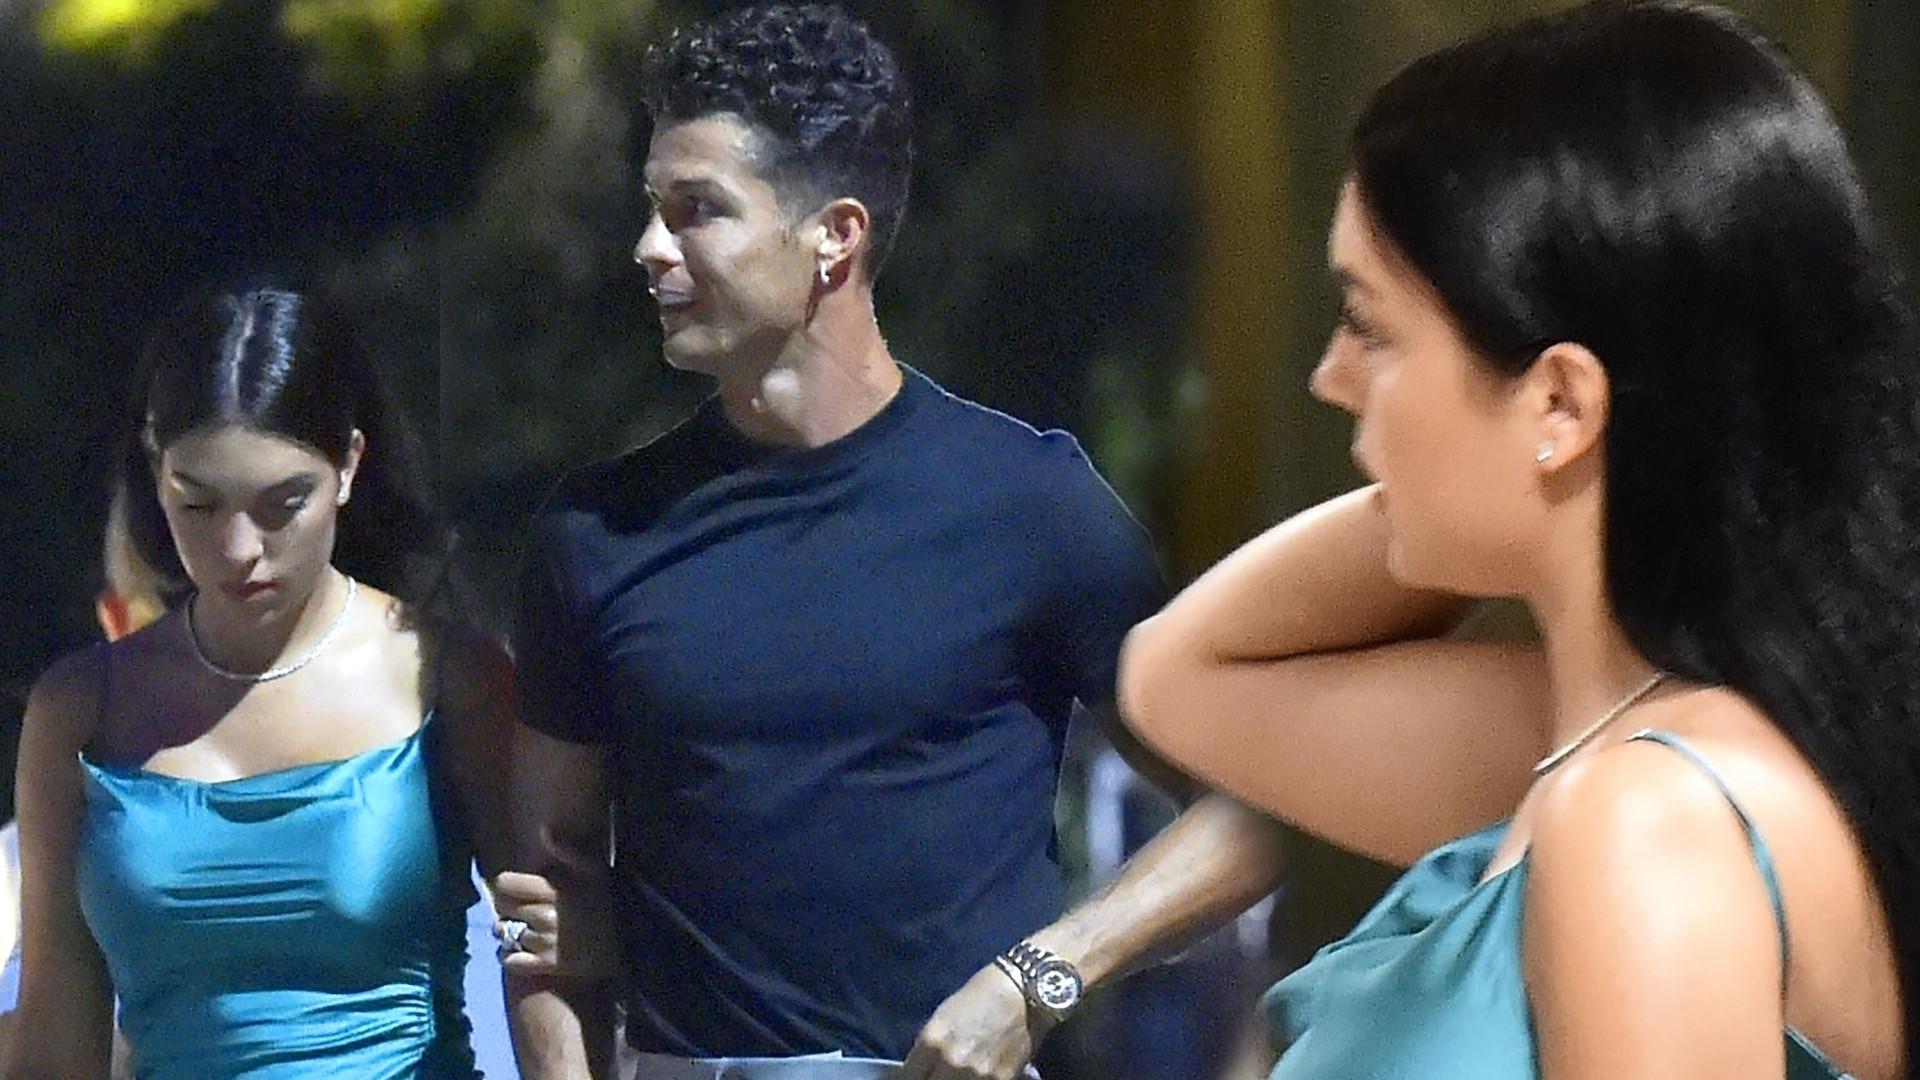 Cristiano i Georgina spodziewają się kolejnego dziecka? (ZDJĘCIA)